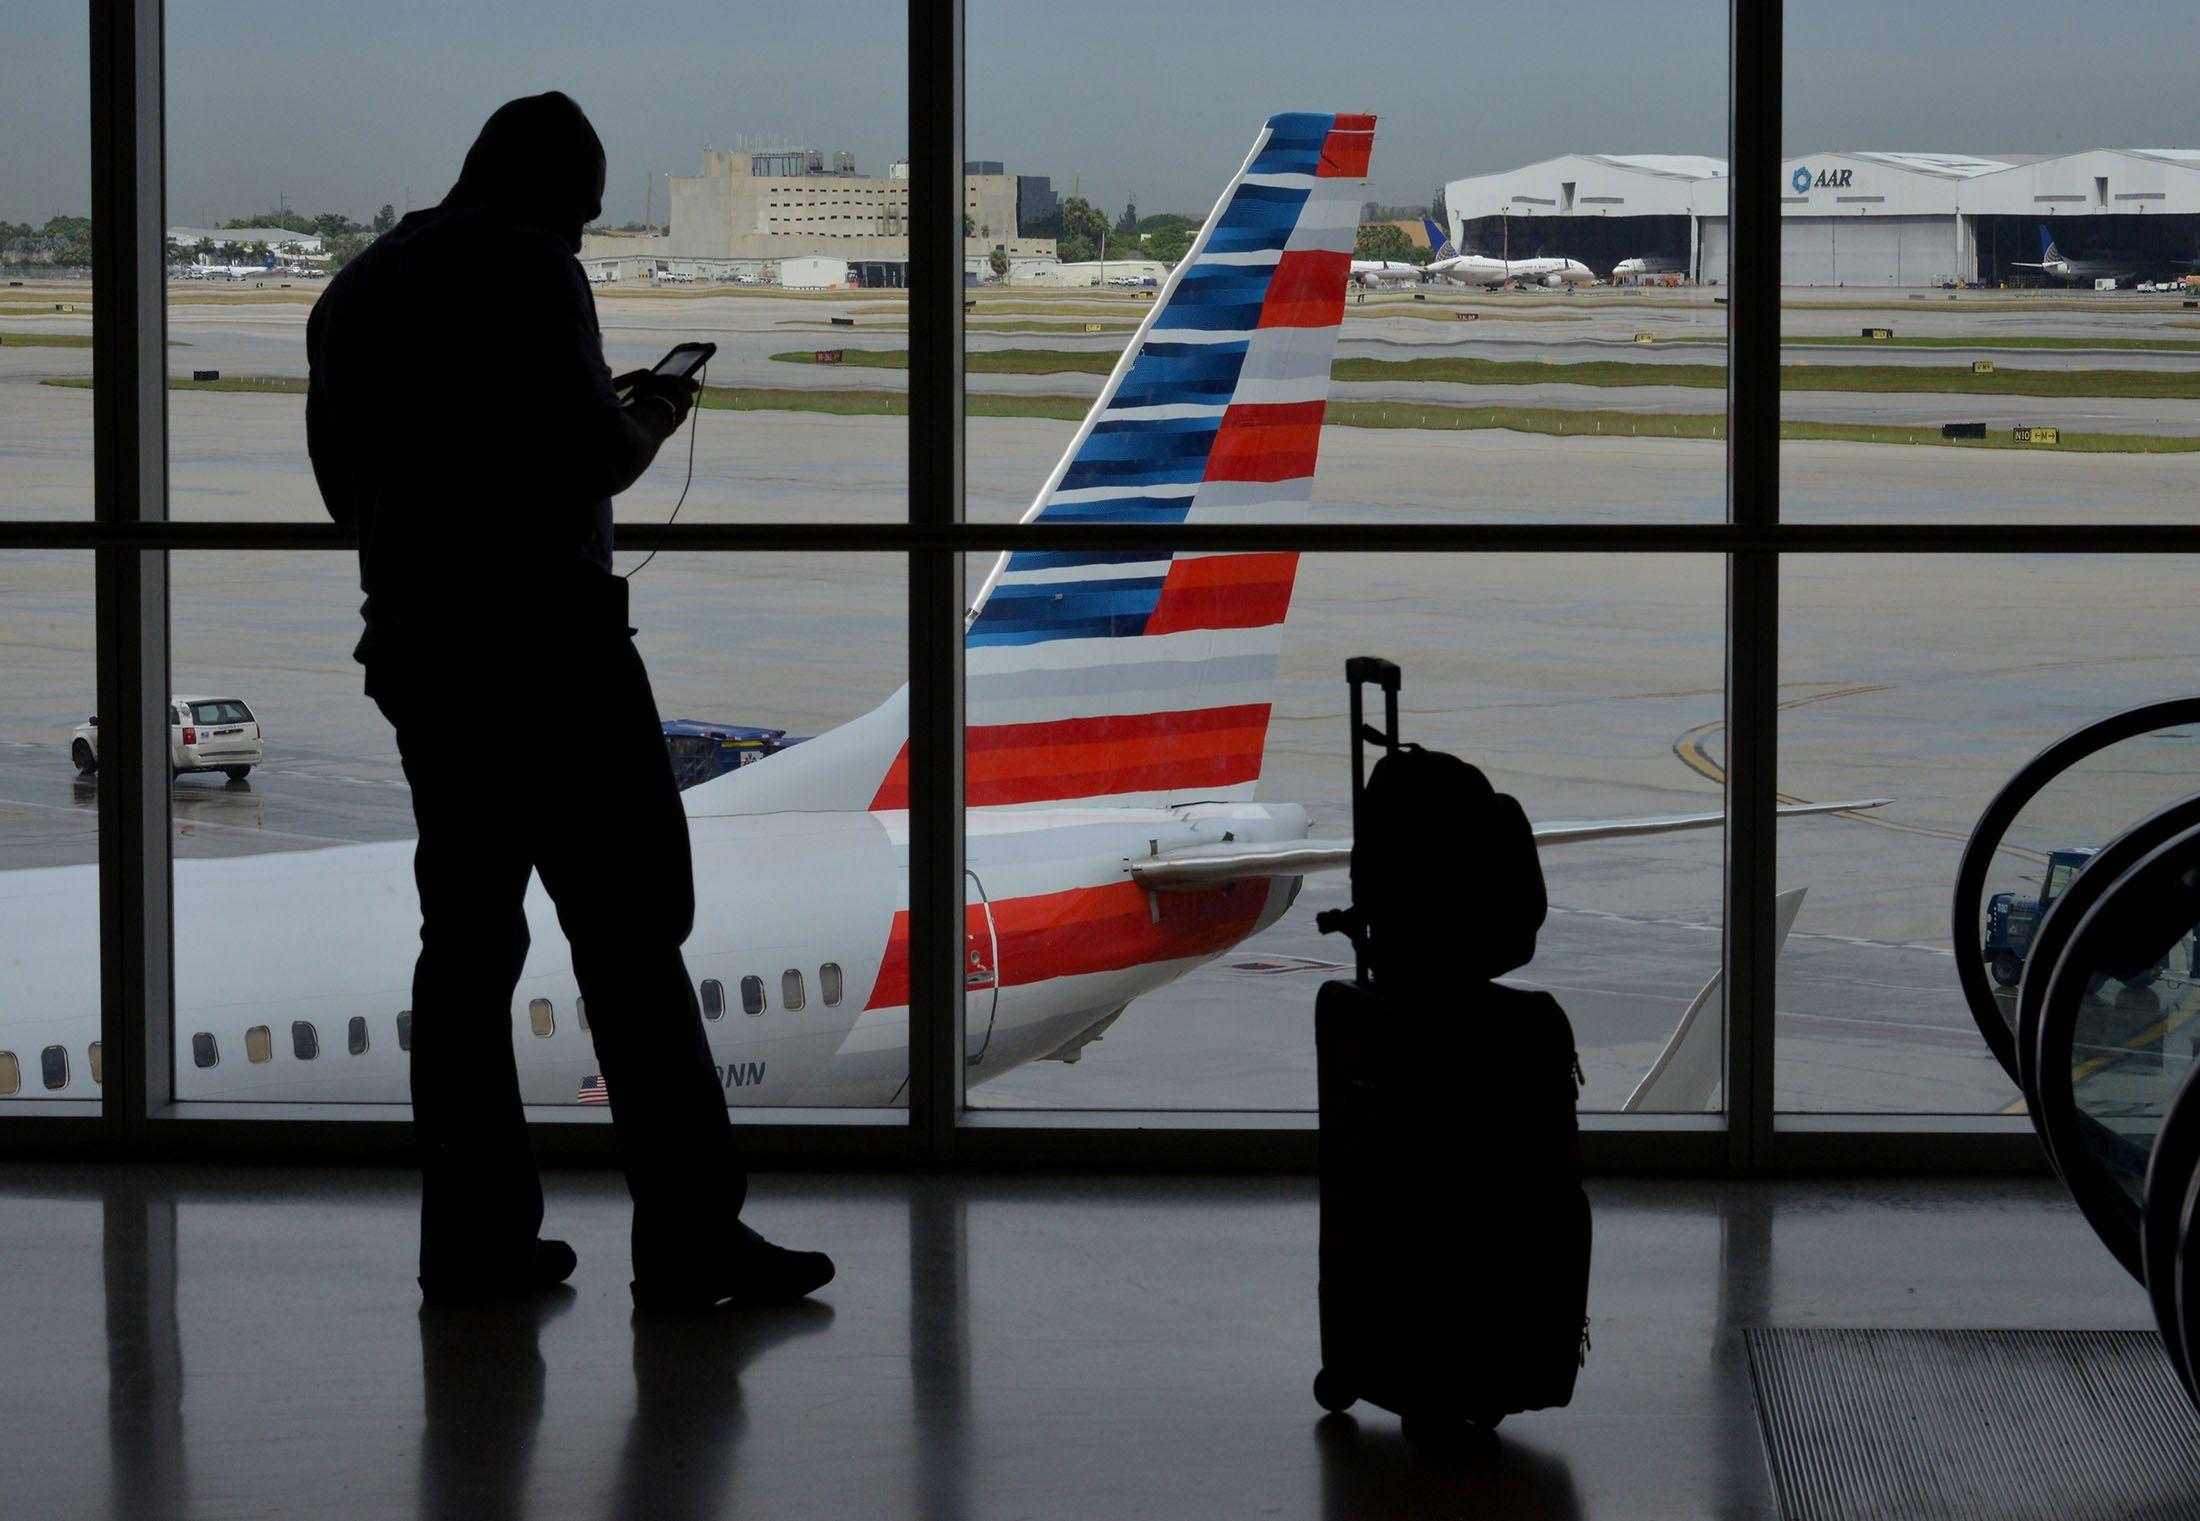 民航早报:美俄关系紧张 美航亚洲航班更改航路